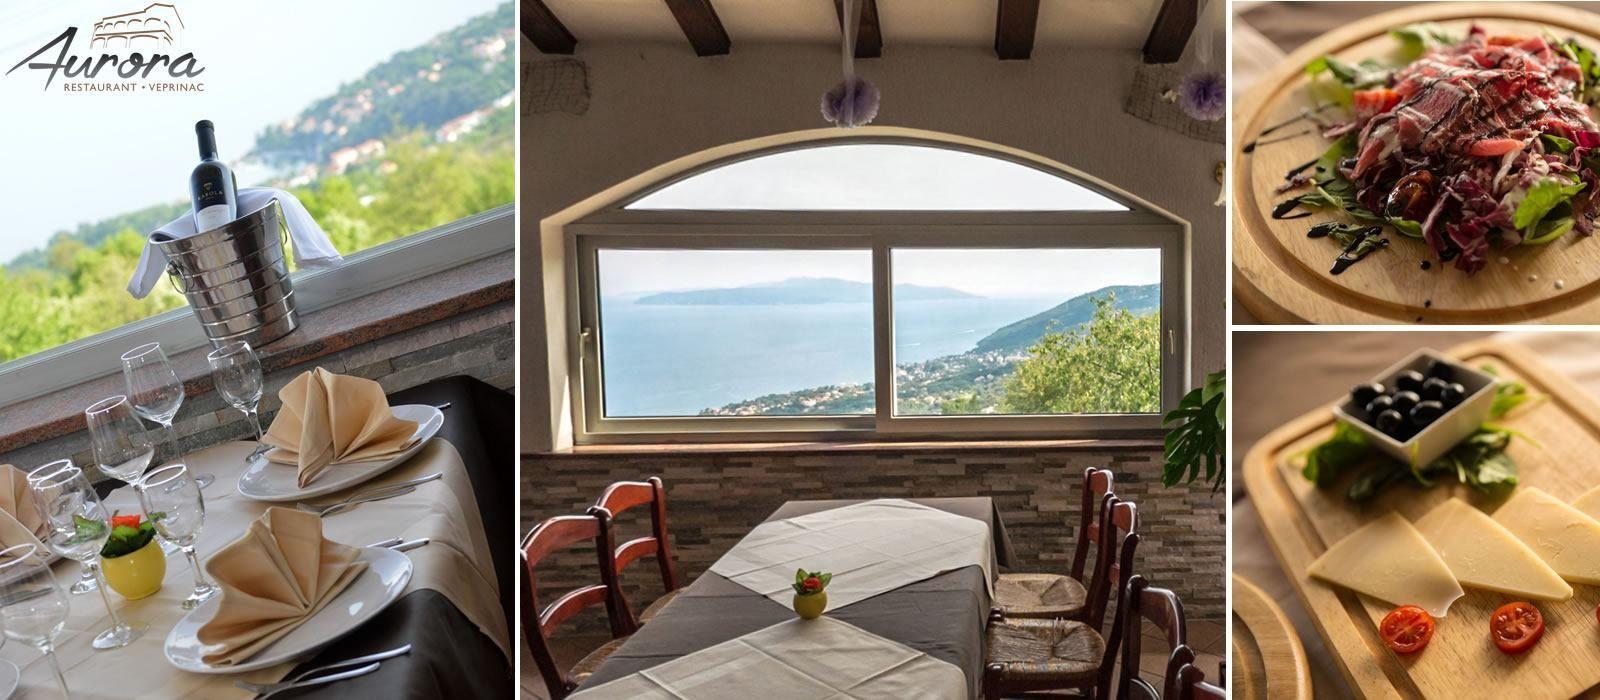 Restoran u Veprincu koji će vas osvojiti (video)